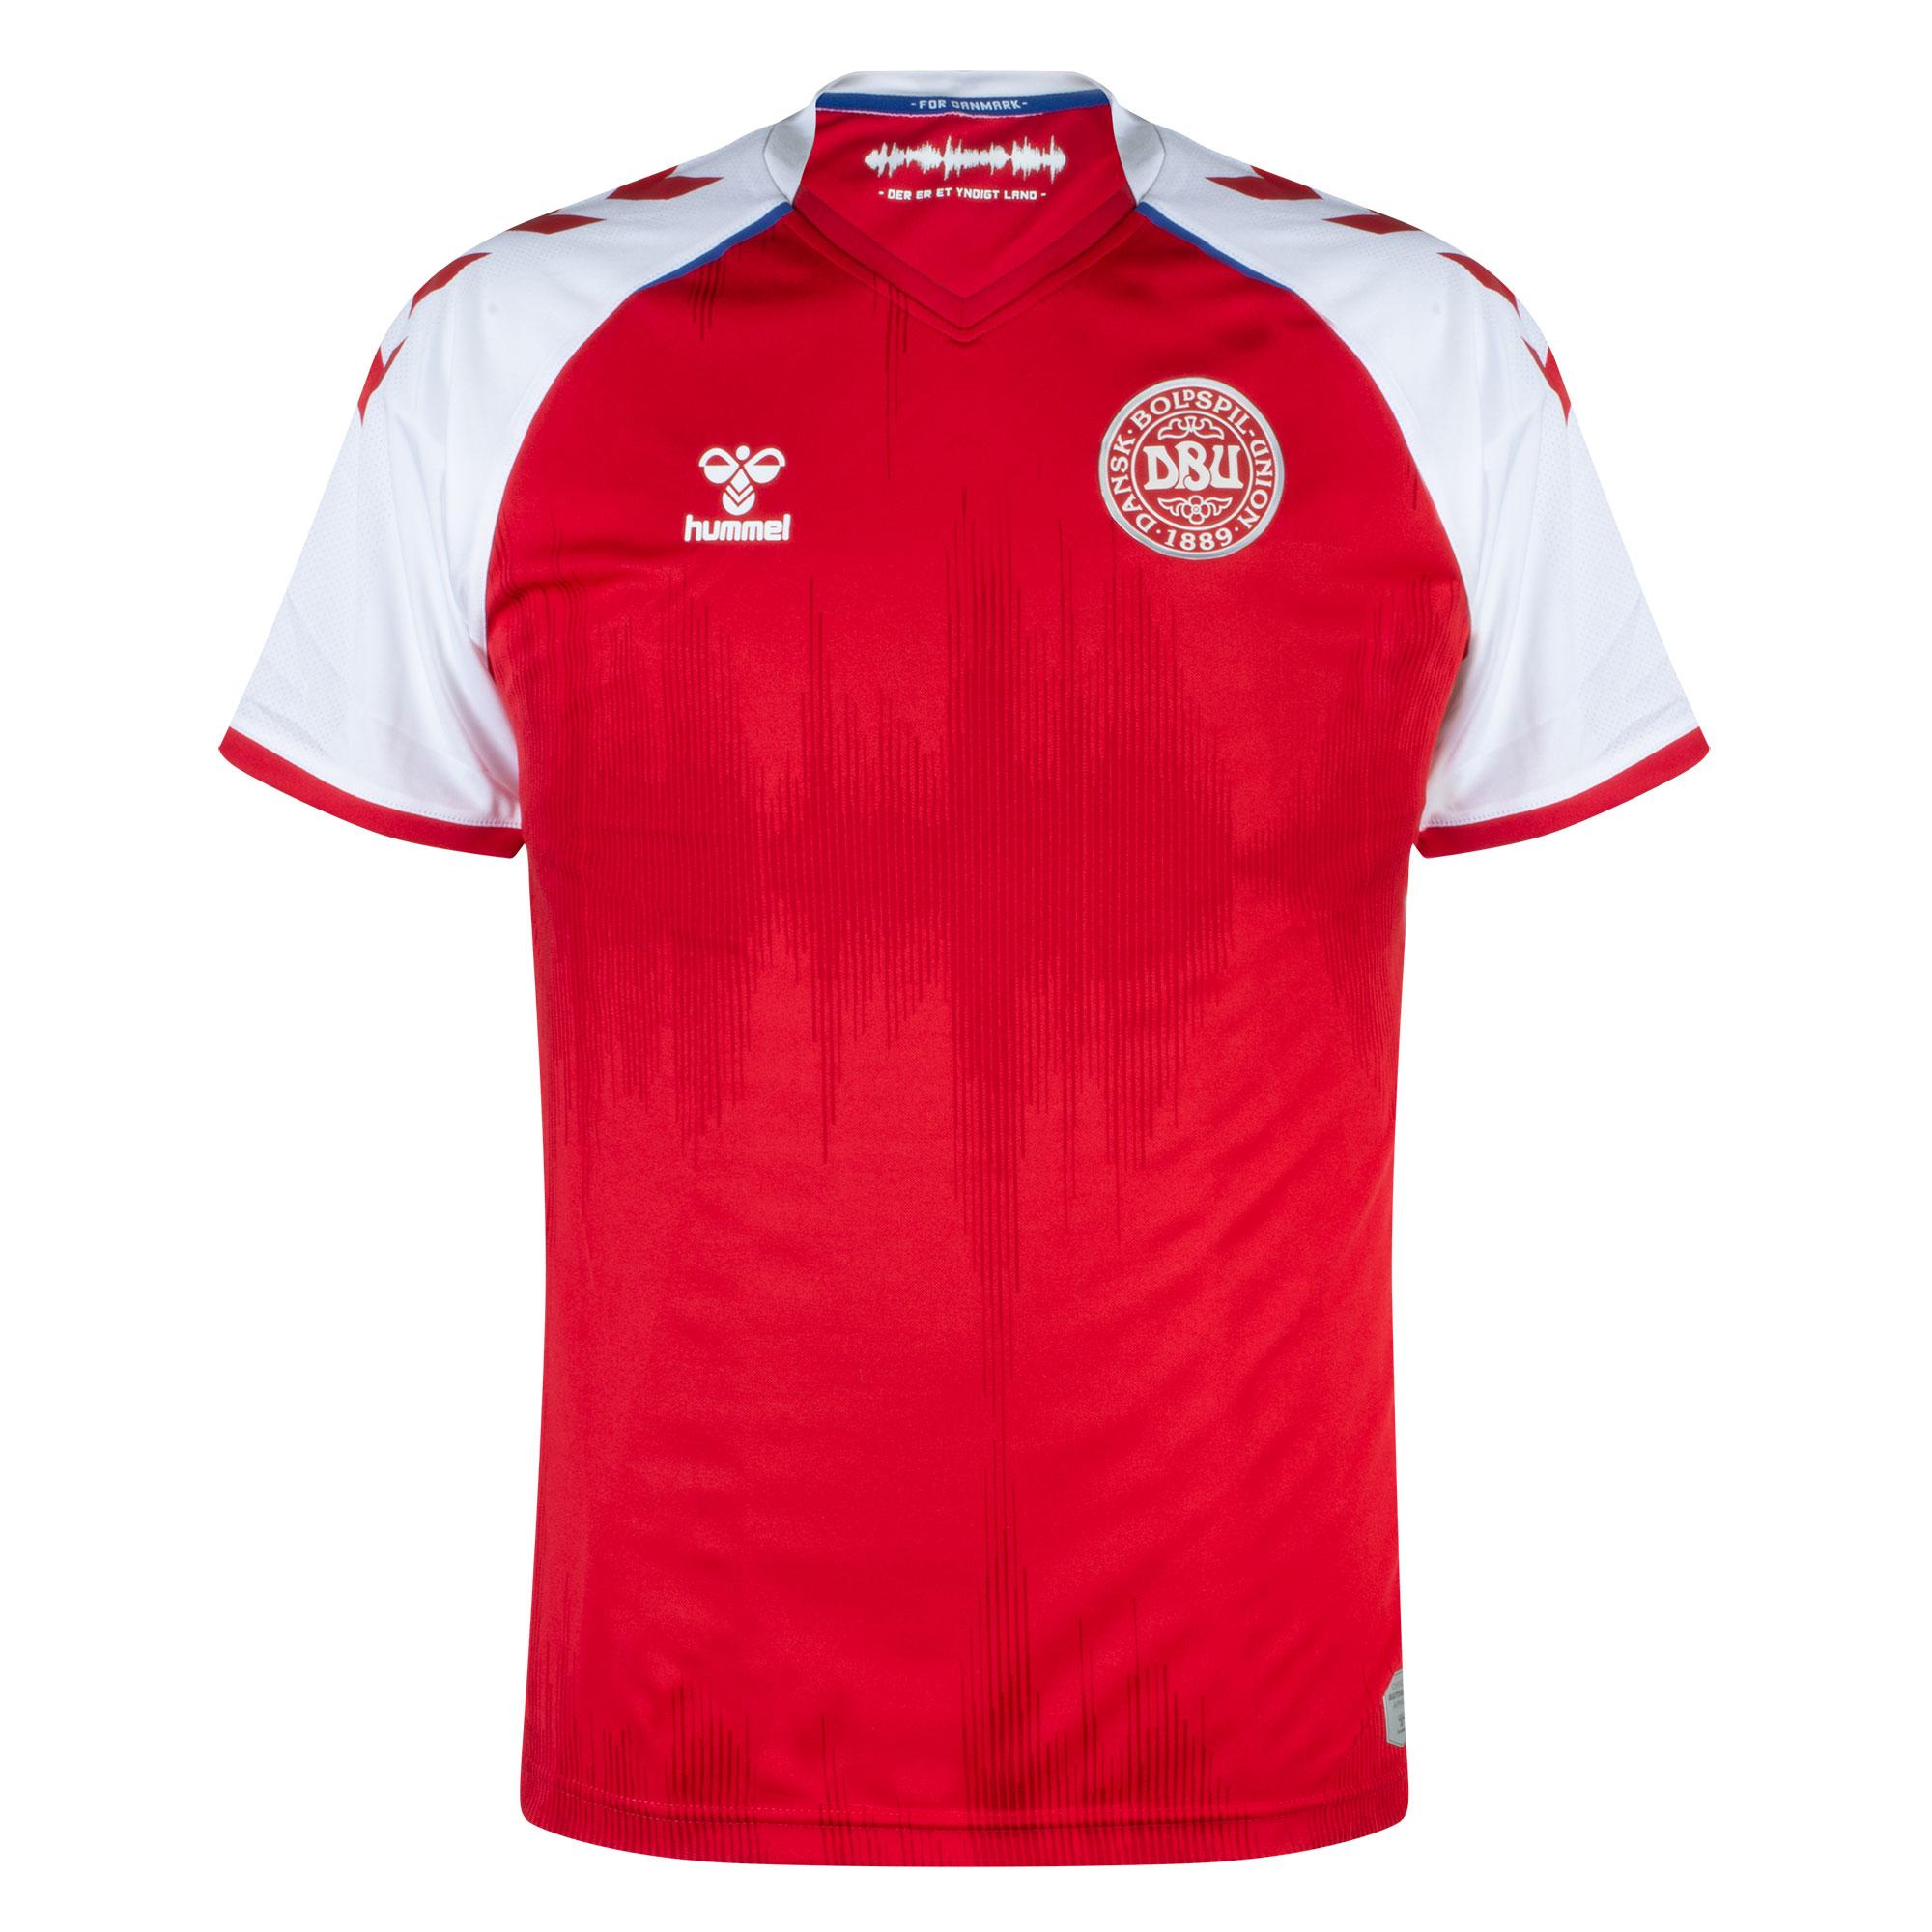 Hummel Denmark Home Shirt 2021-2022